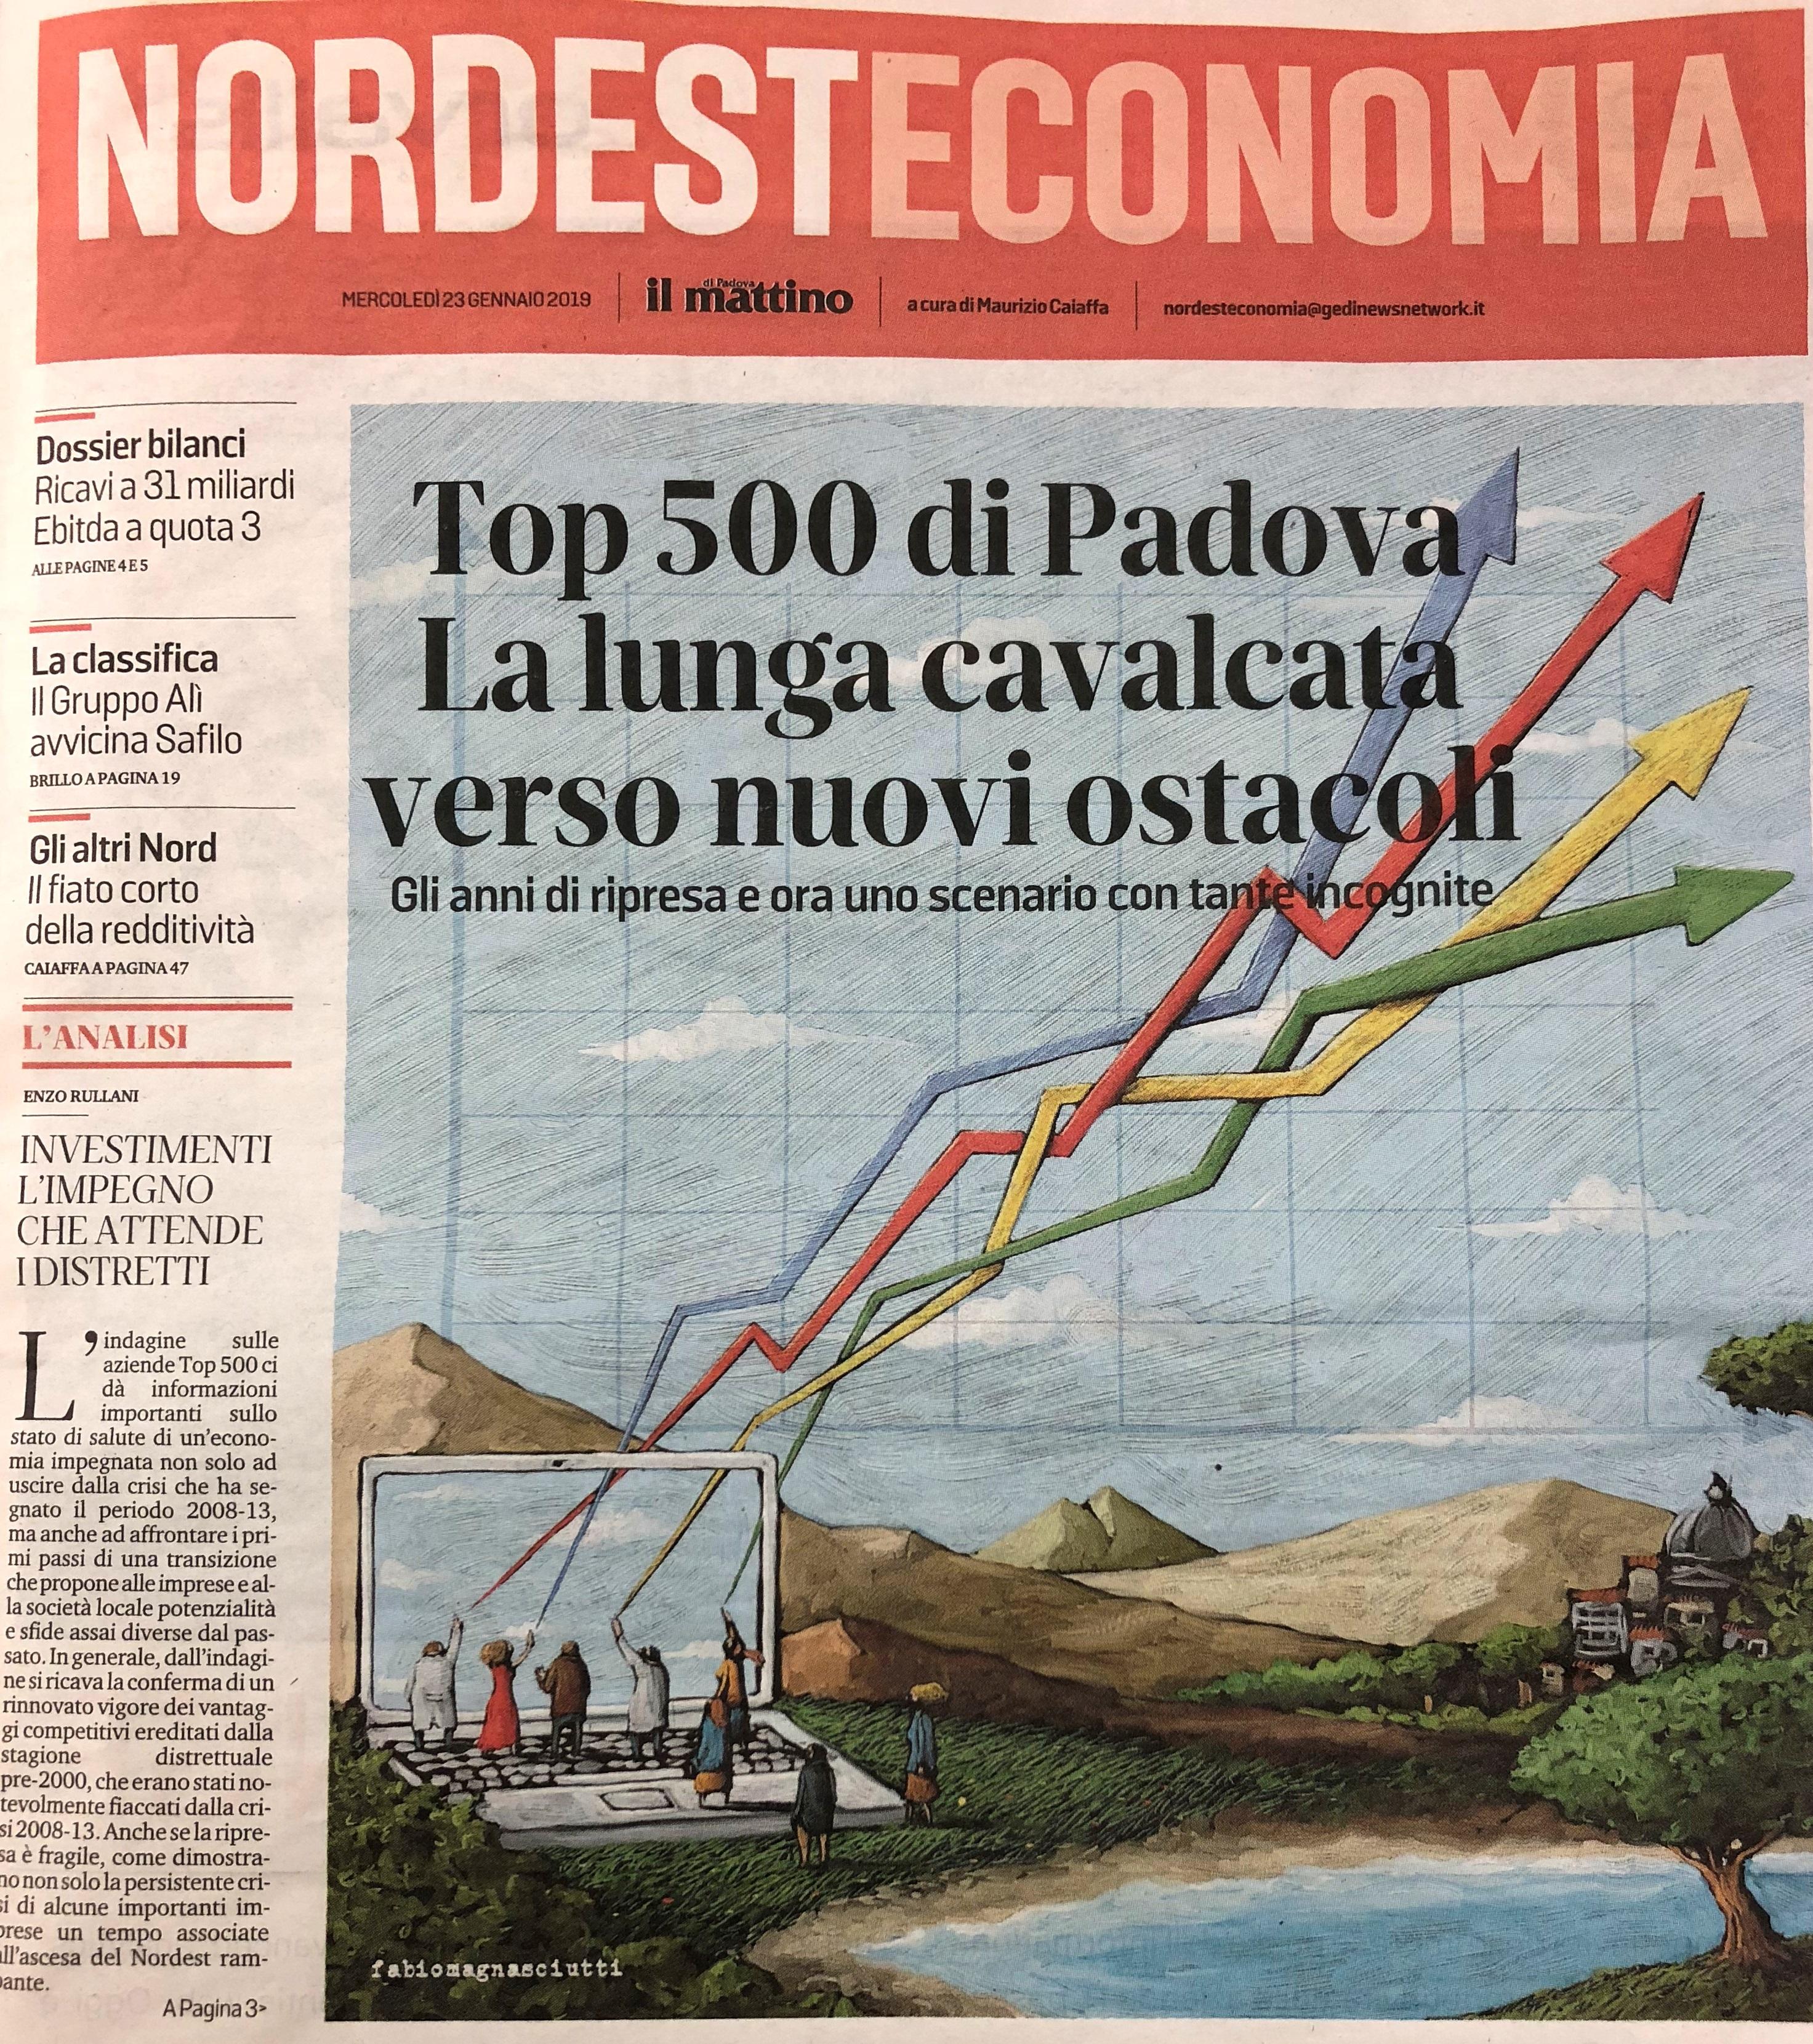 TOP 500: Eurointerim tra le aziende con maggiore crescita e con il debito più sostenibile